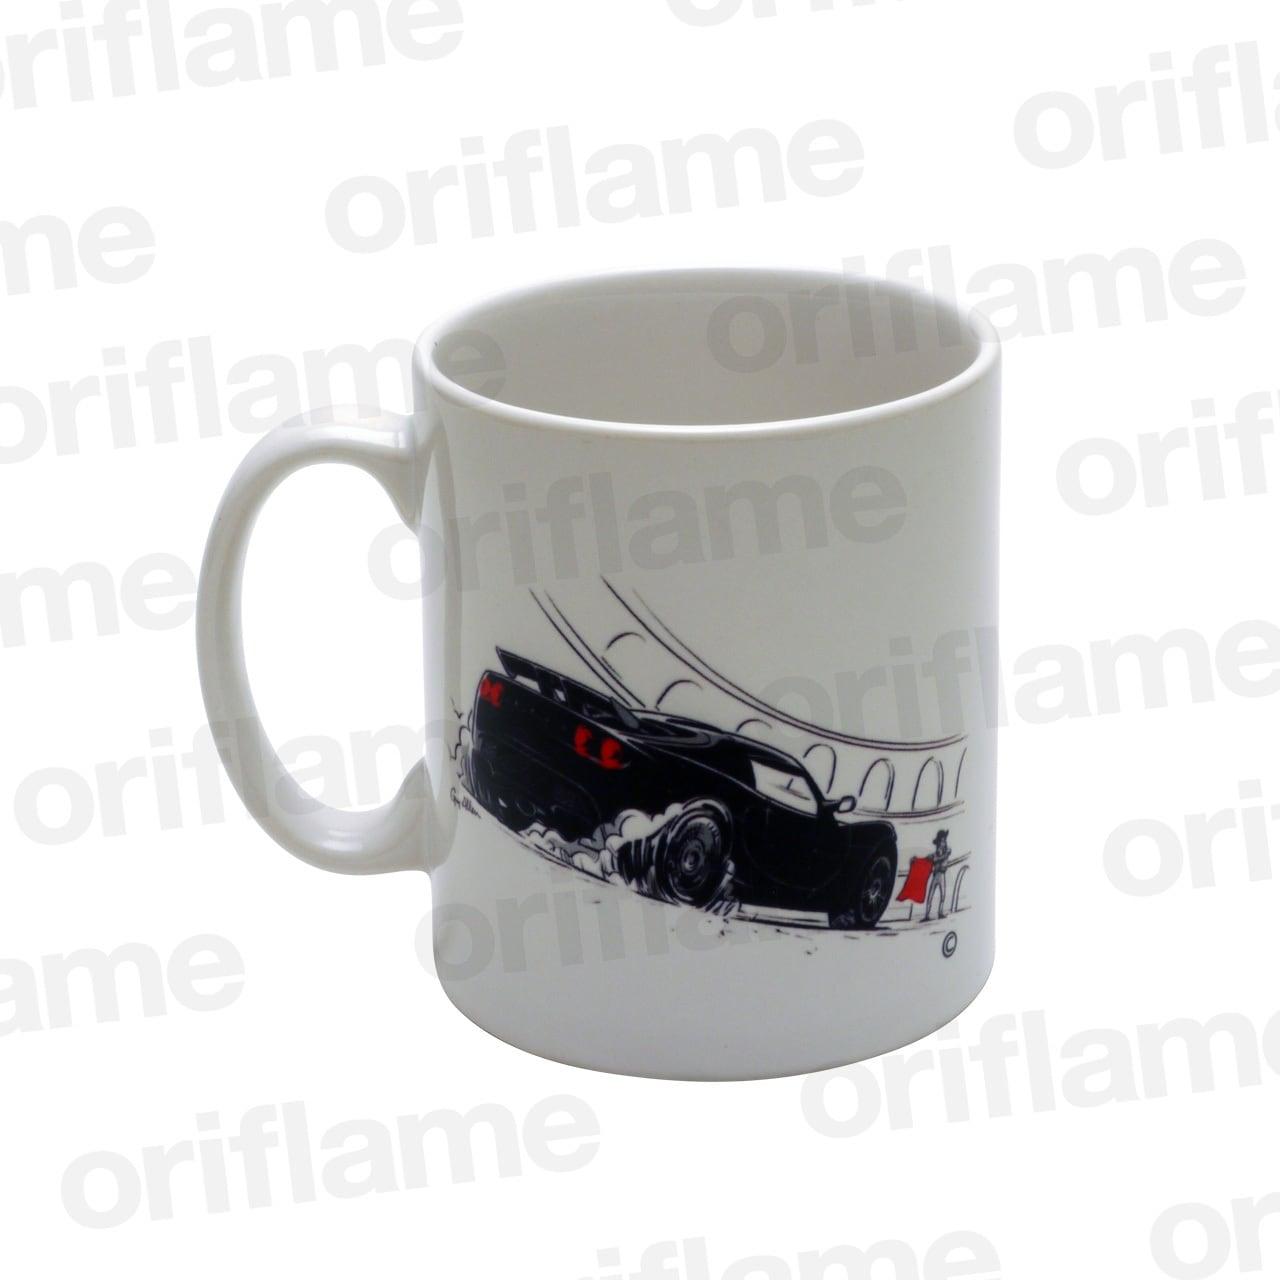 マグカップ・ロータス・Guy Allenデザイン